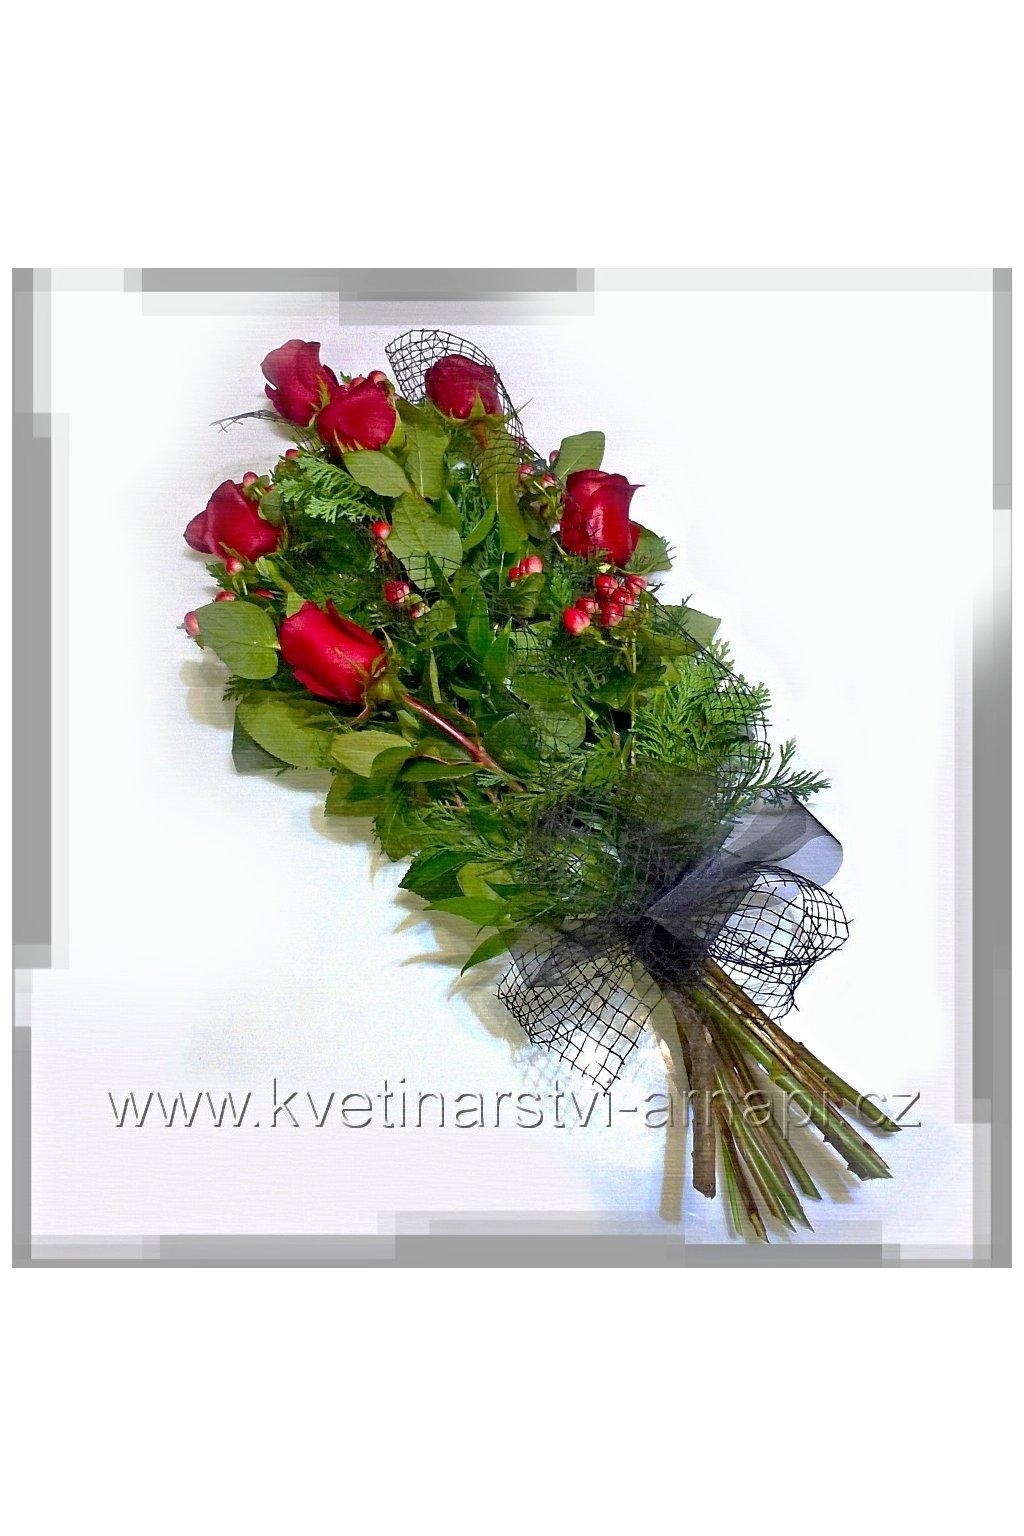 smutecni kytice rozvoz kvetin kvetinarstvi arnapi